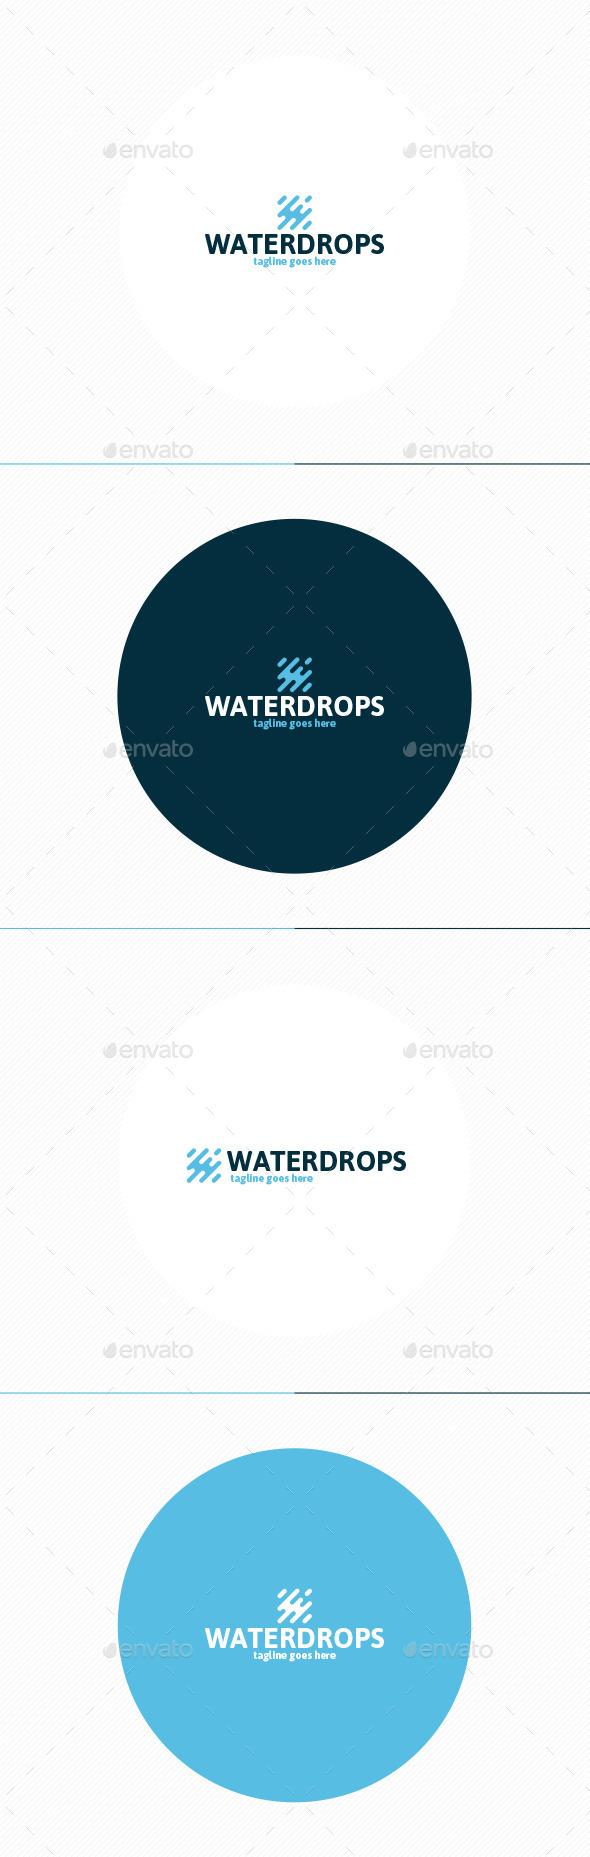 Water Drops Logo - Vector Abstract